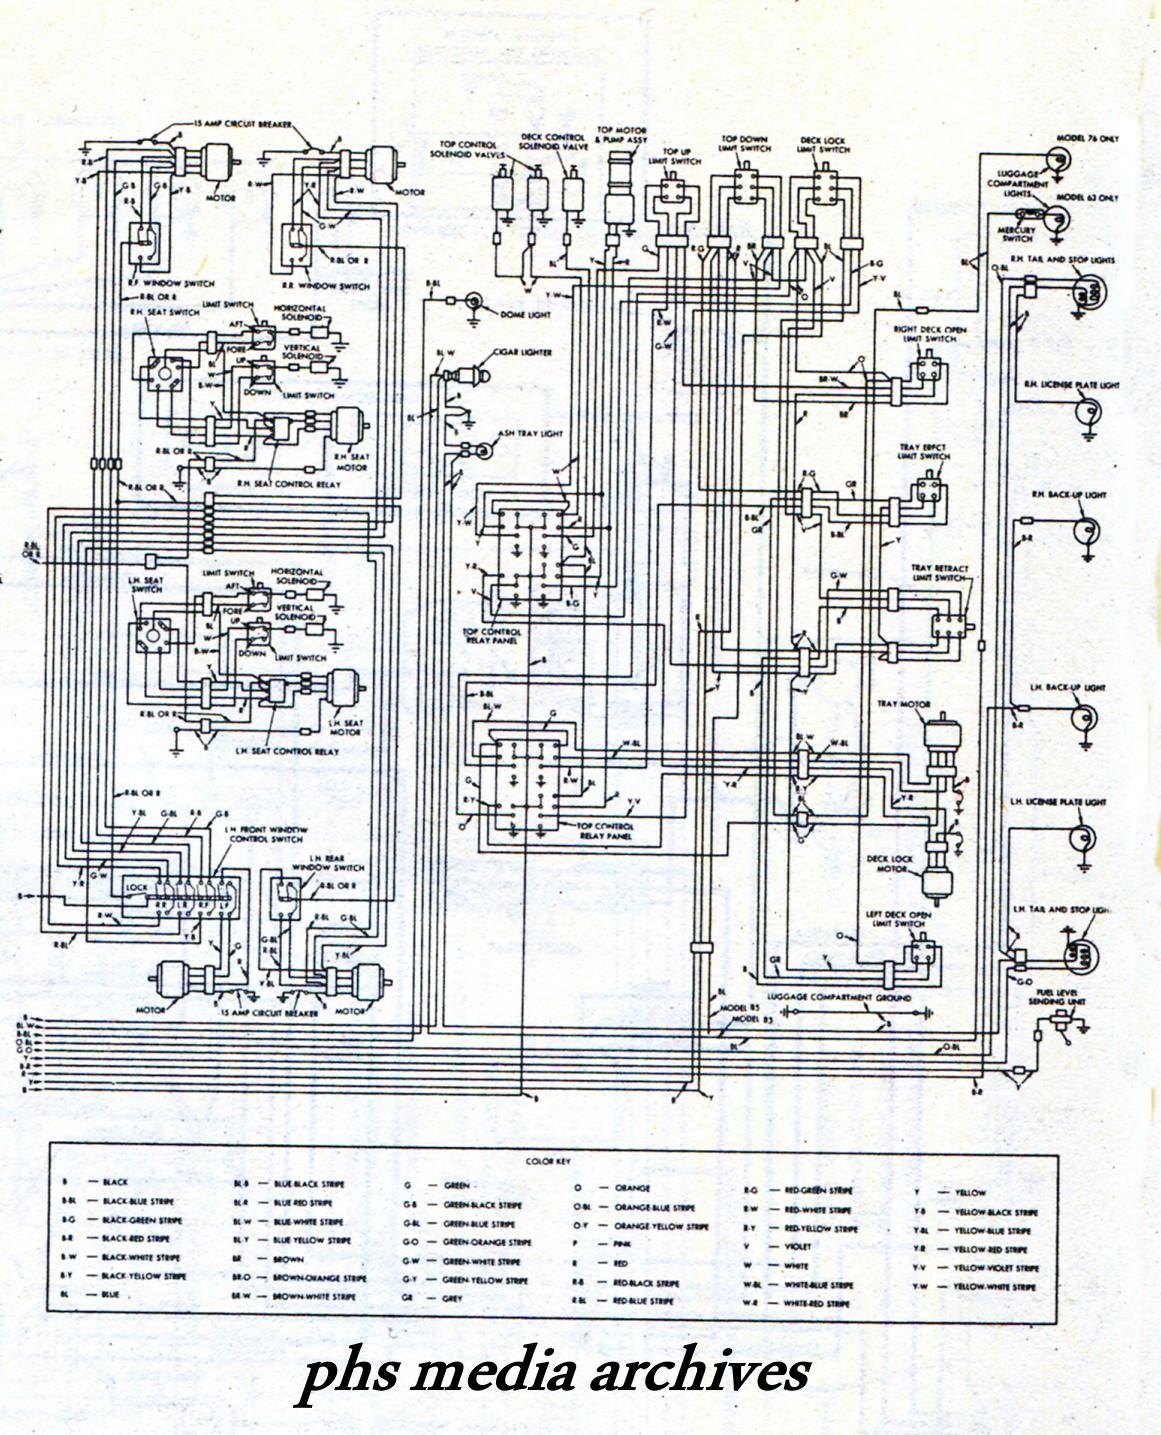 1963 Thunderbird Wiring Diagram 1956 F100 Tech Series 1961 Schematics Rh Phscollectorcarworld Blogspot Com Ford